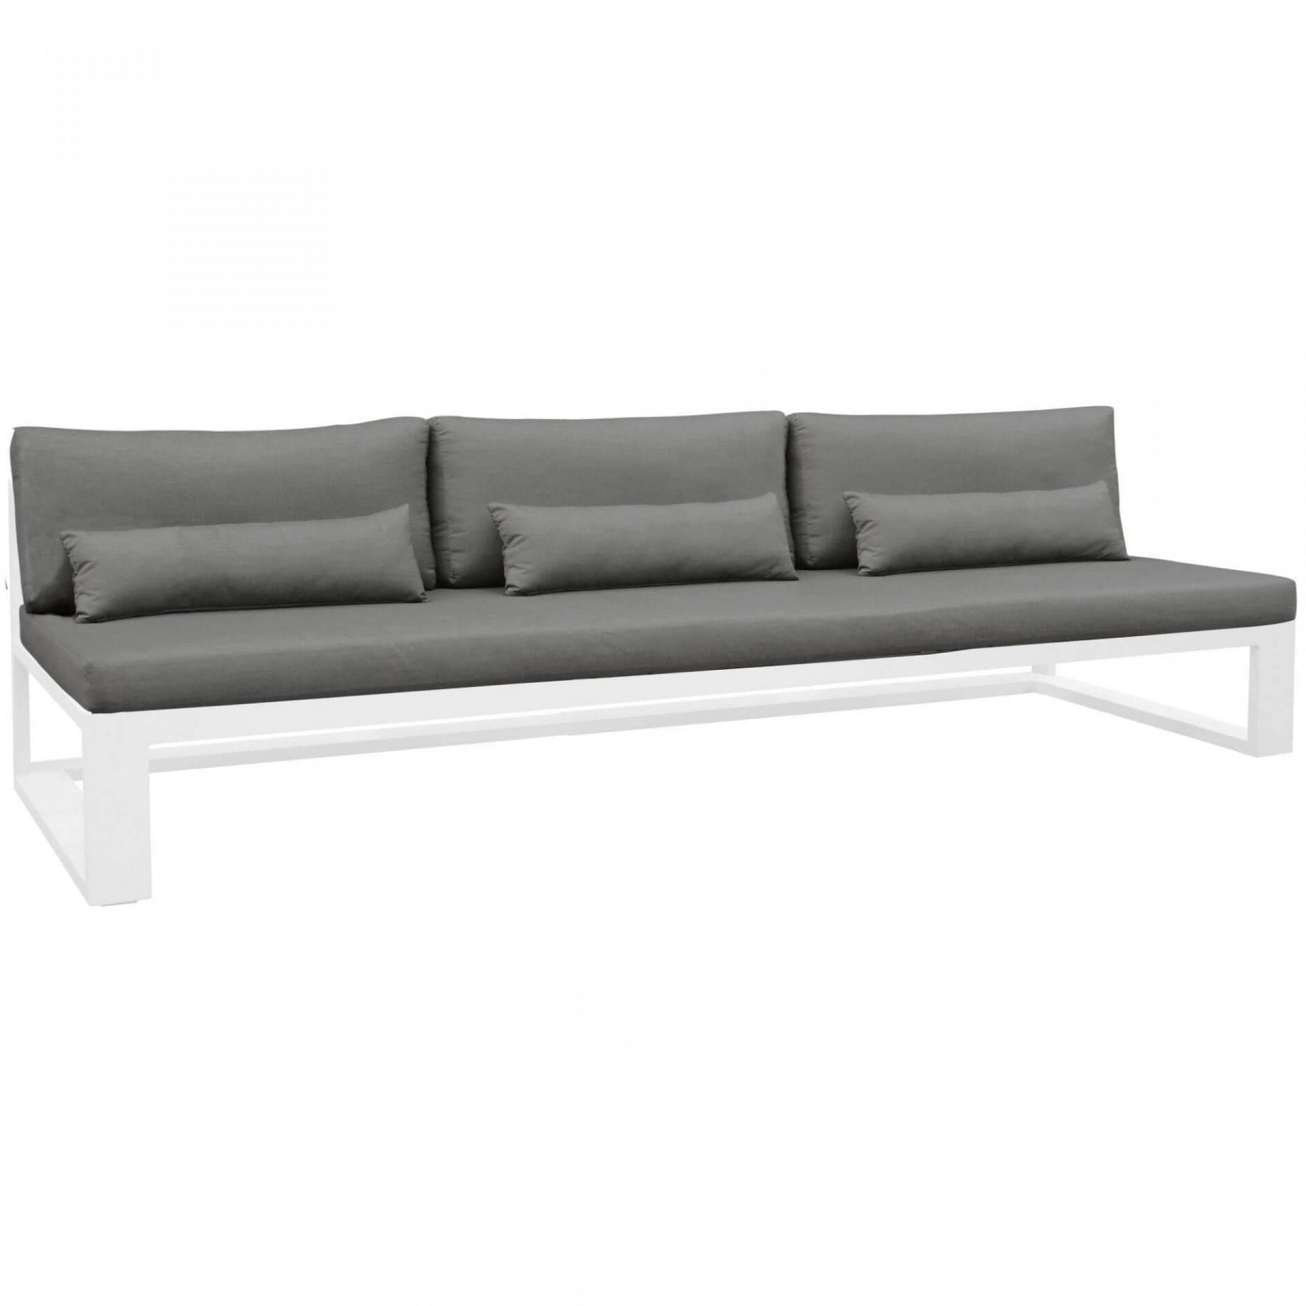 Gardenart 3 seters sofa uten armlene, mørkegrå teksti og hvit ramme